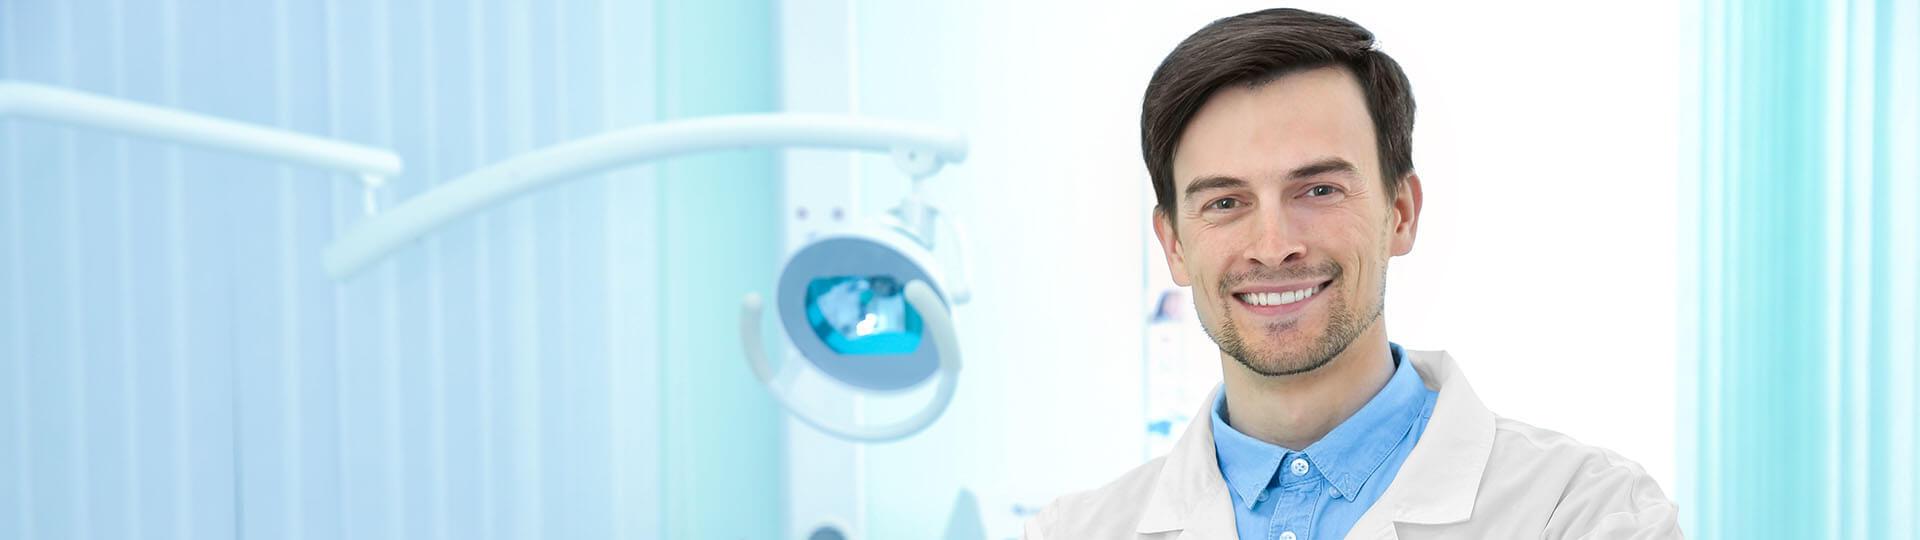 Top 4 Benefits of Regular Dental Visits